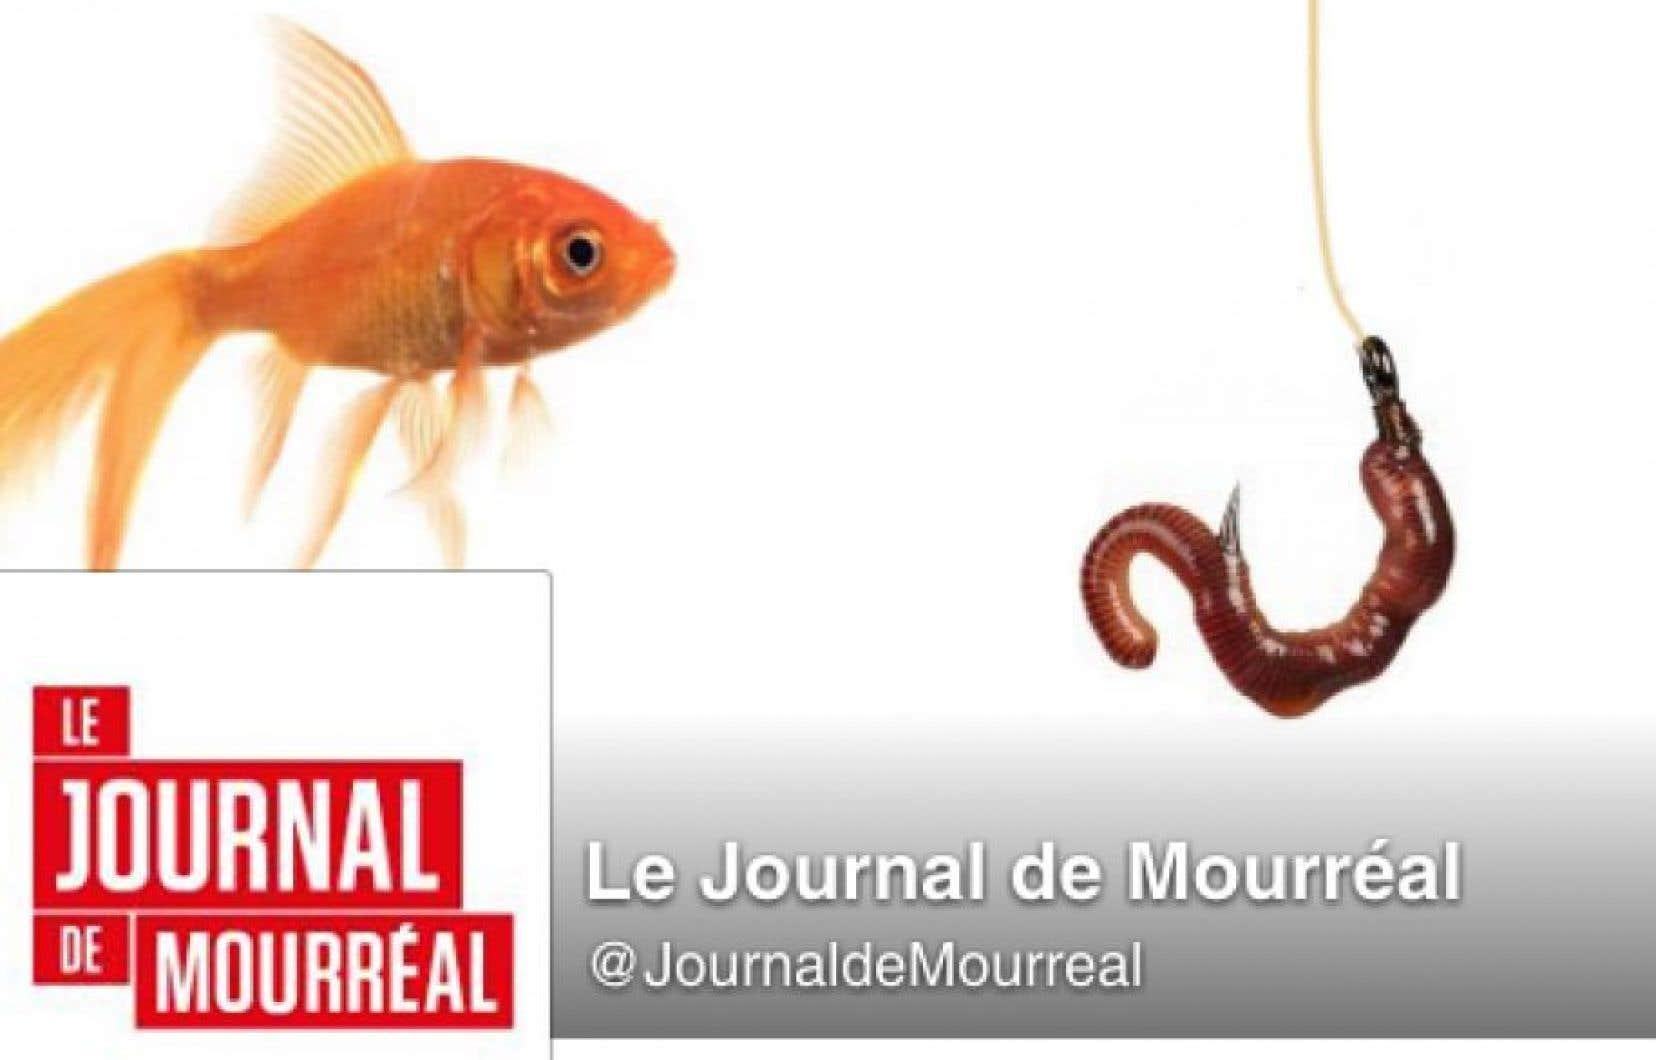 Média QMI a demandé au site satirique de cesser la diffusion — sur Facebook, sur le Web ou en version papier — de publications portant le nom «Journal de Mourréal».<br />